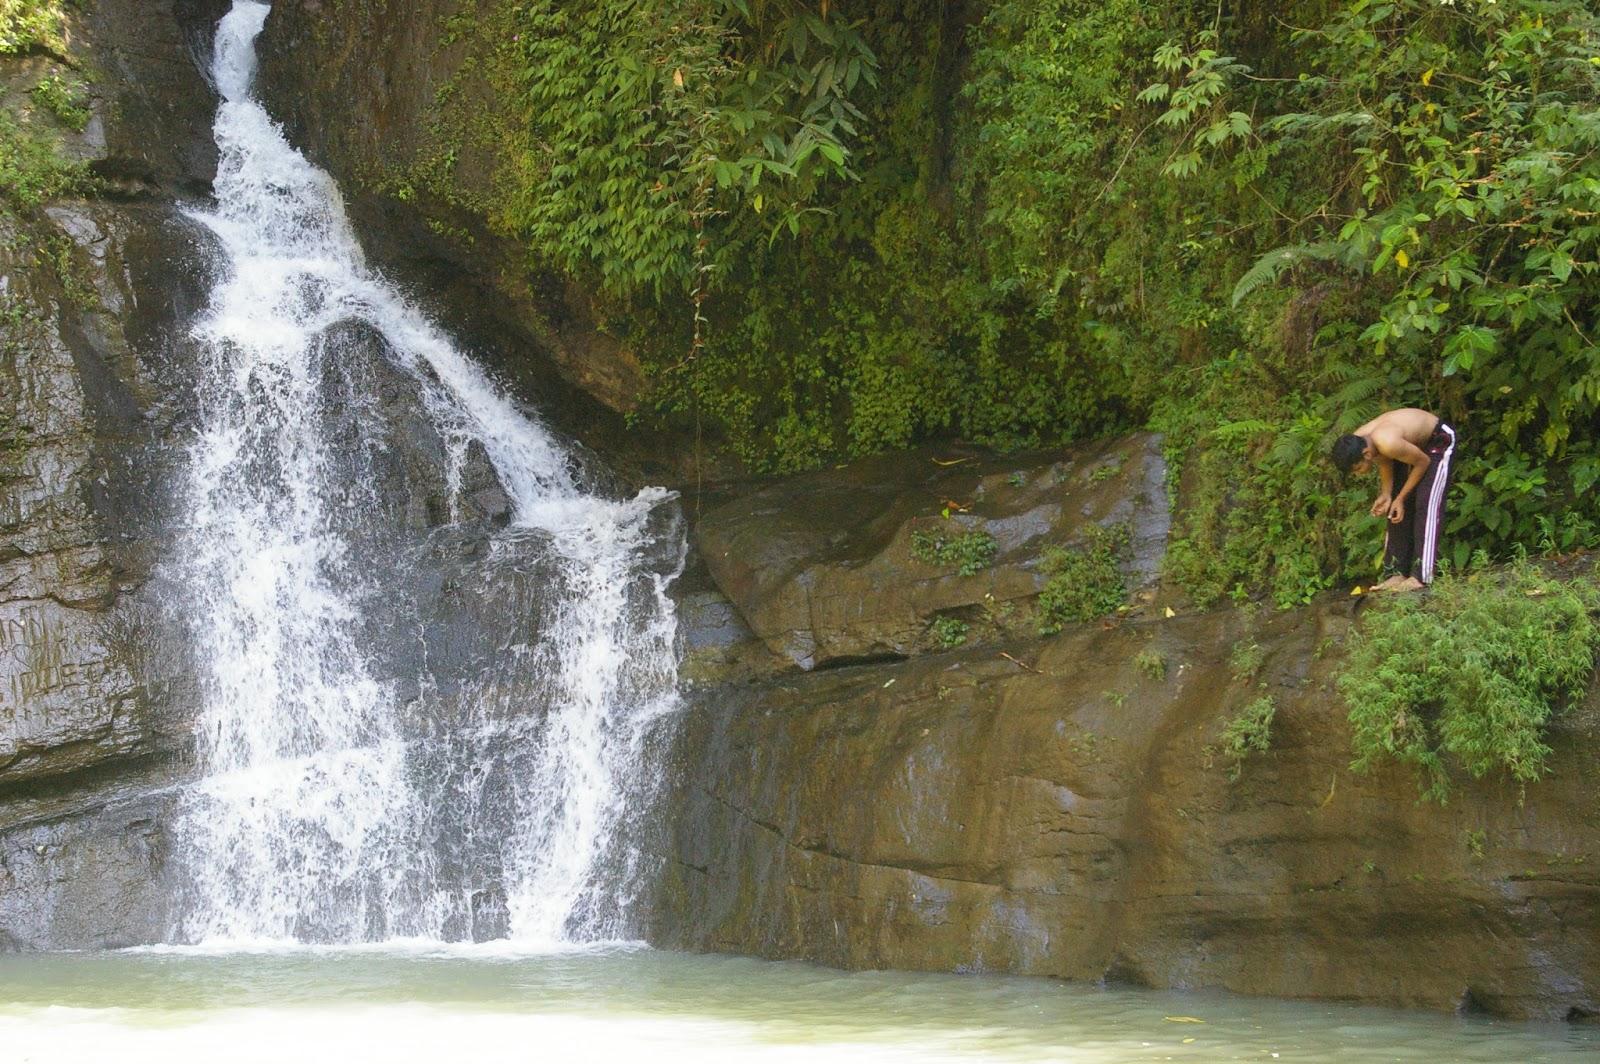 40 Tempat Wisata Kebumen Jawa Tengah Daerah Kota Gombong 31